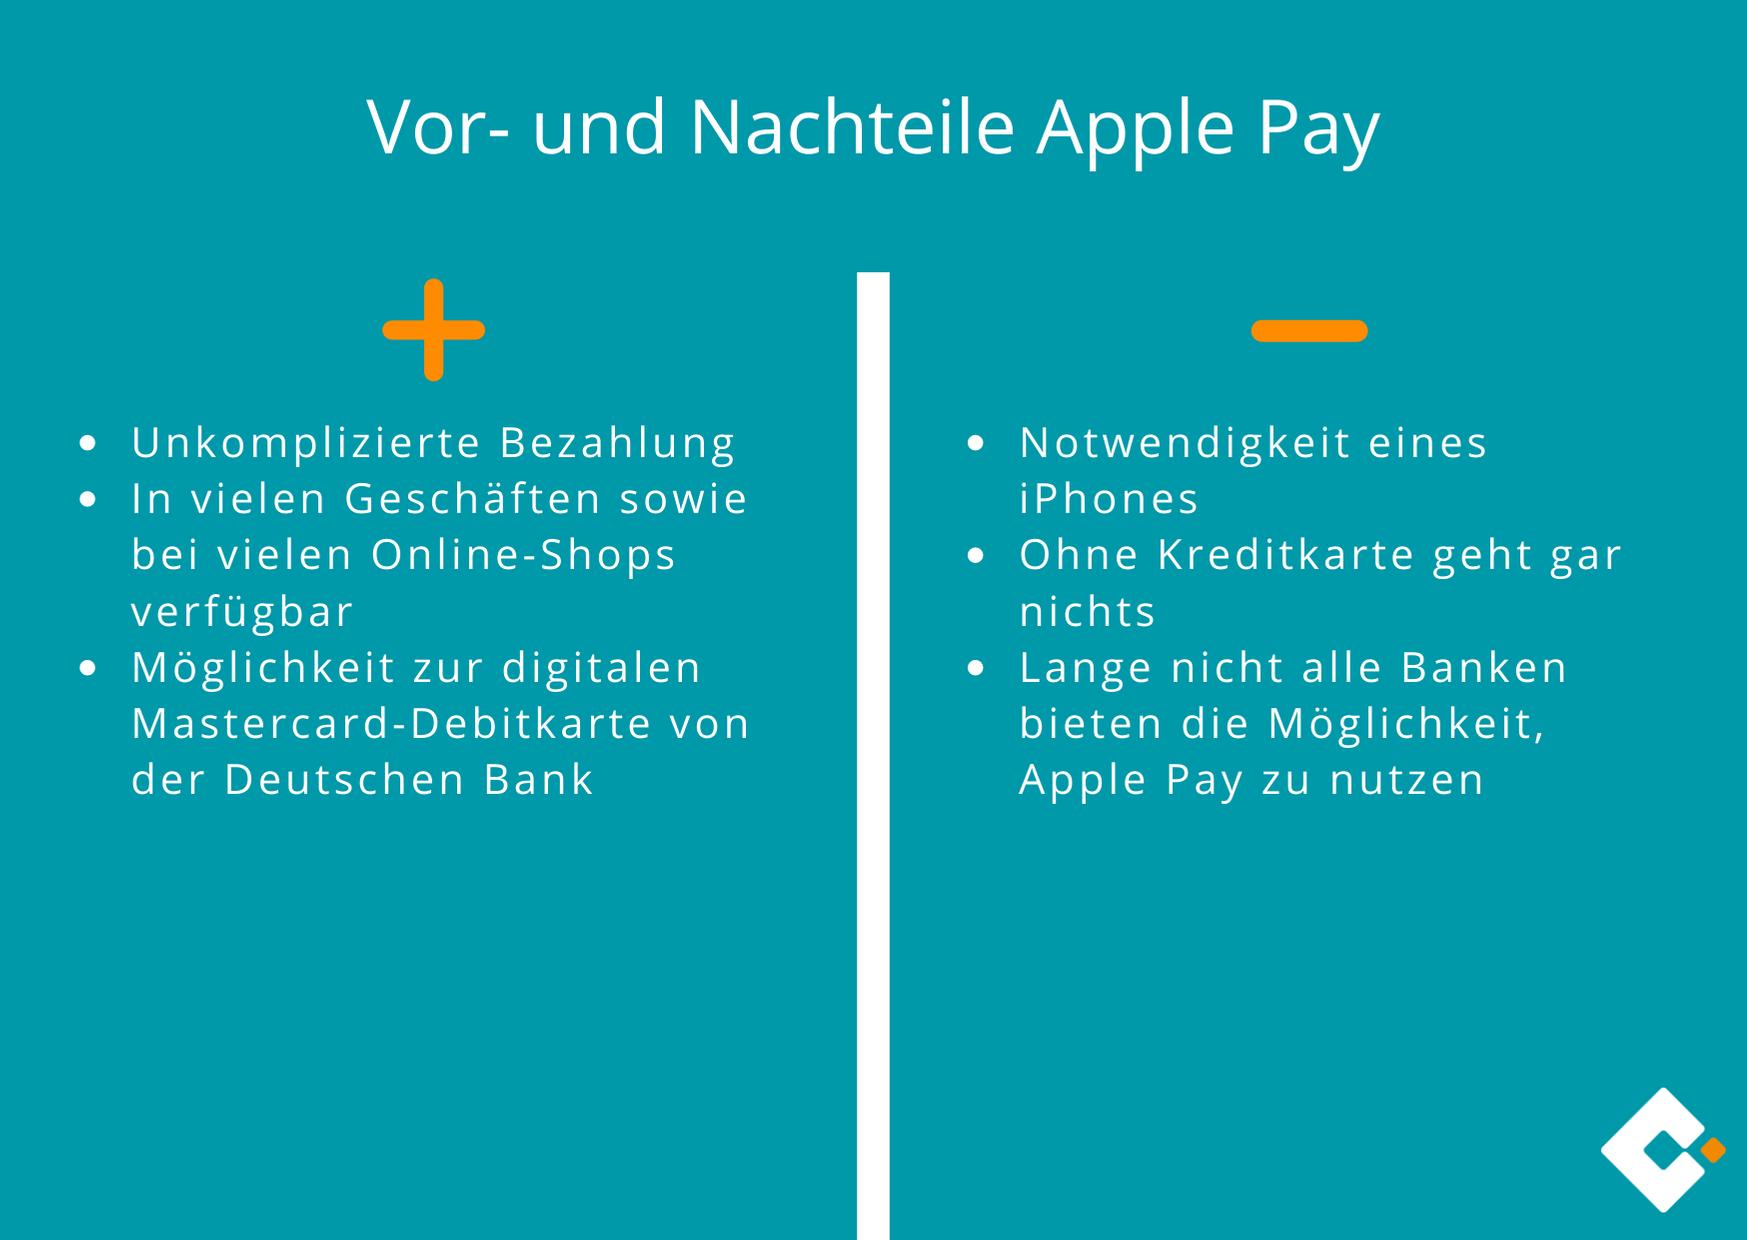 Apple Pay - Vor- und Nachteile